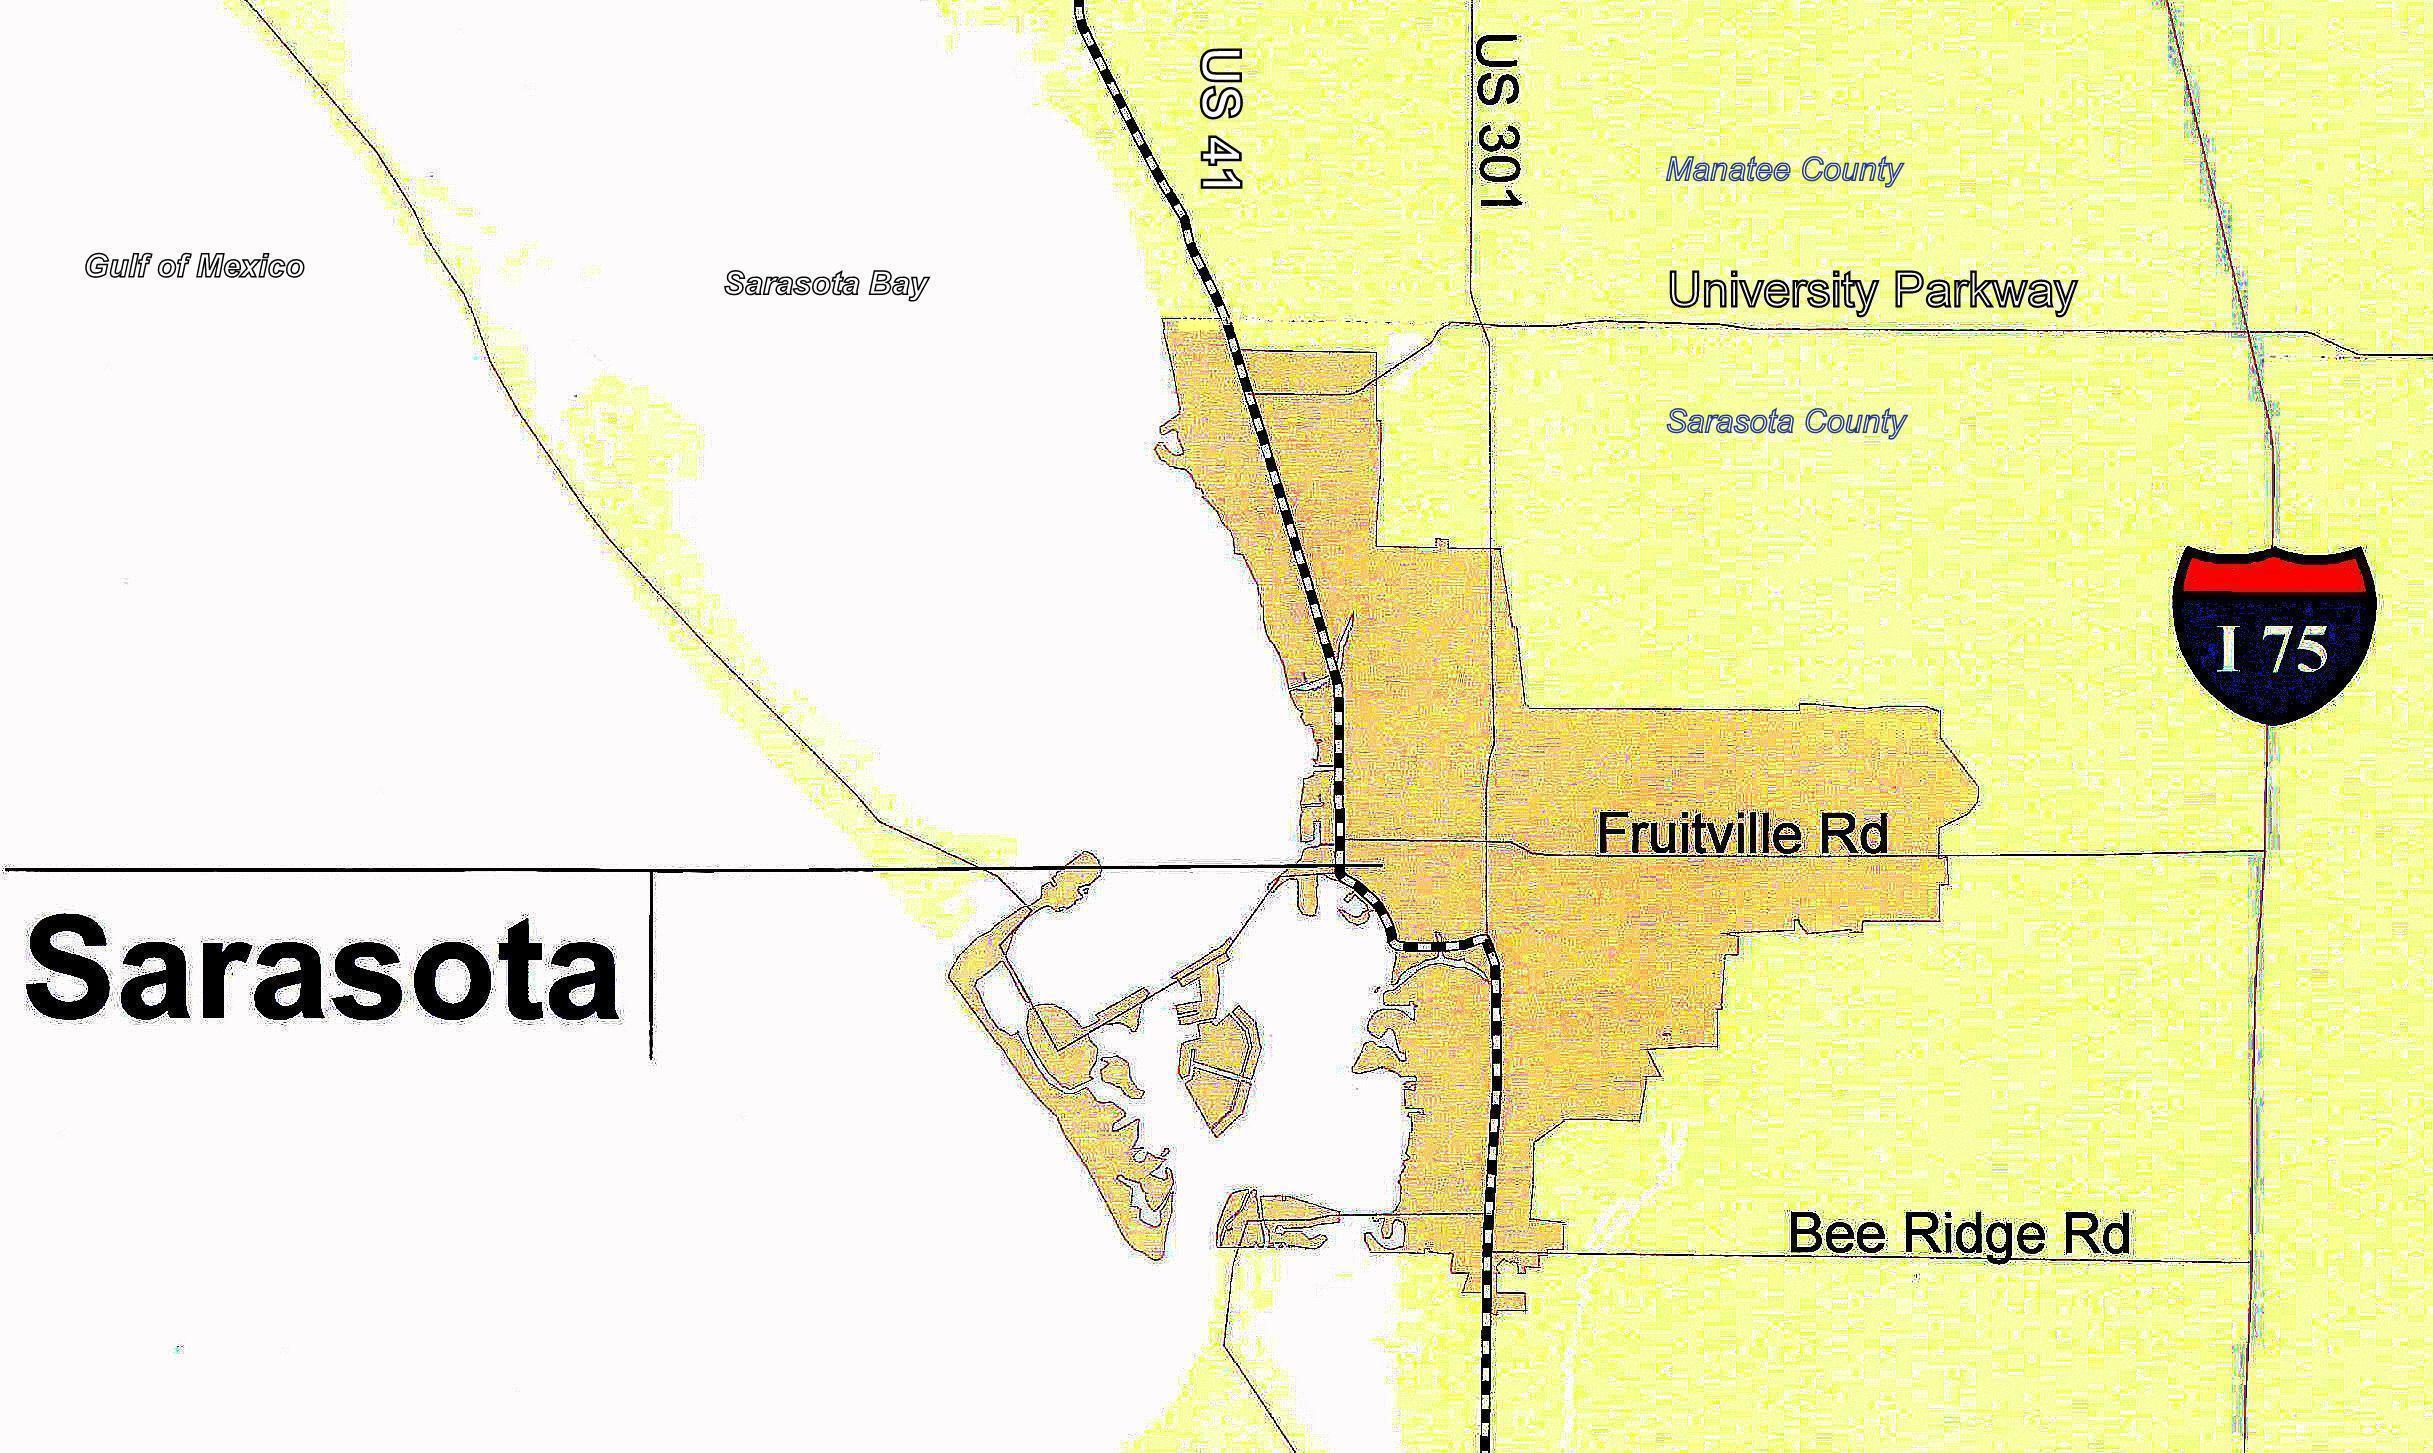 File:sarasota - City Colored Gold 2.0 - 83D40M - Map Of Tamiami - Sarasota Beach Florida Map